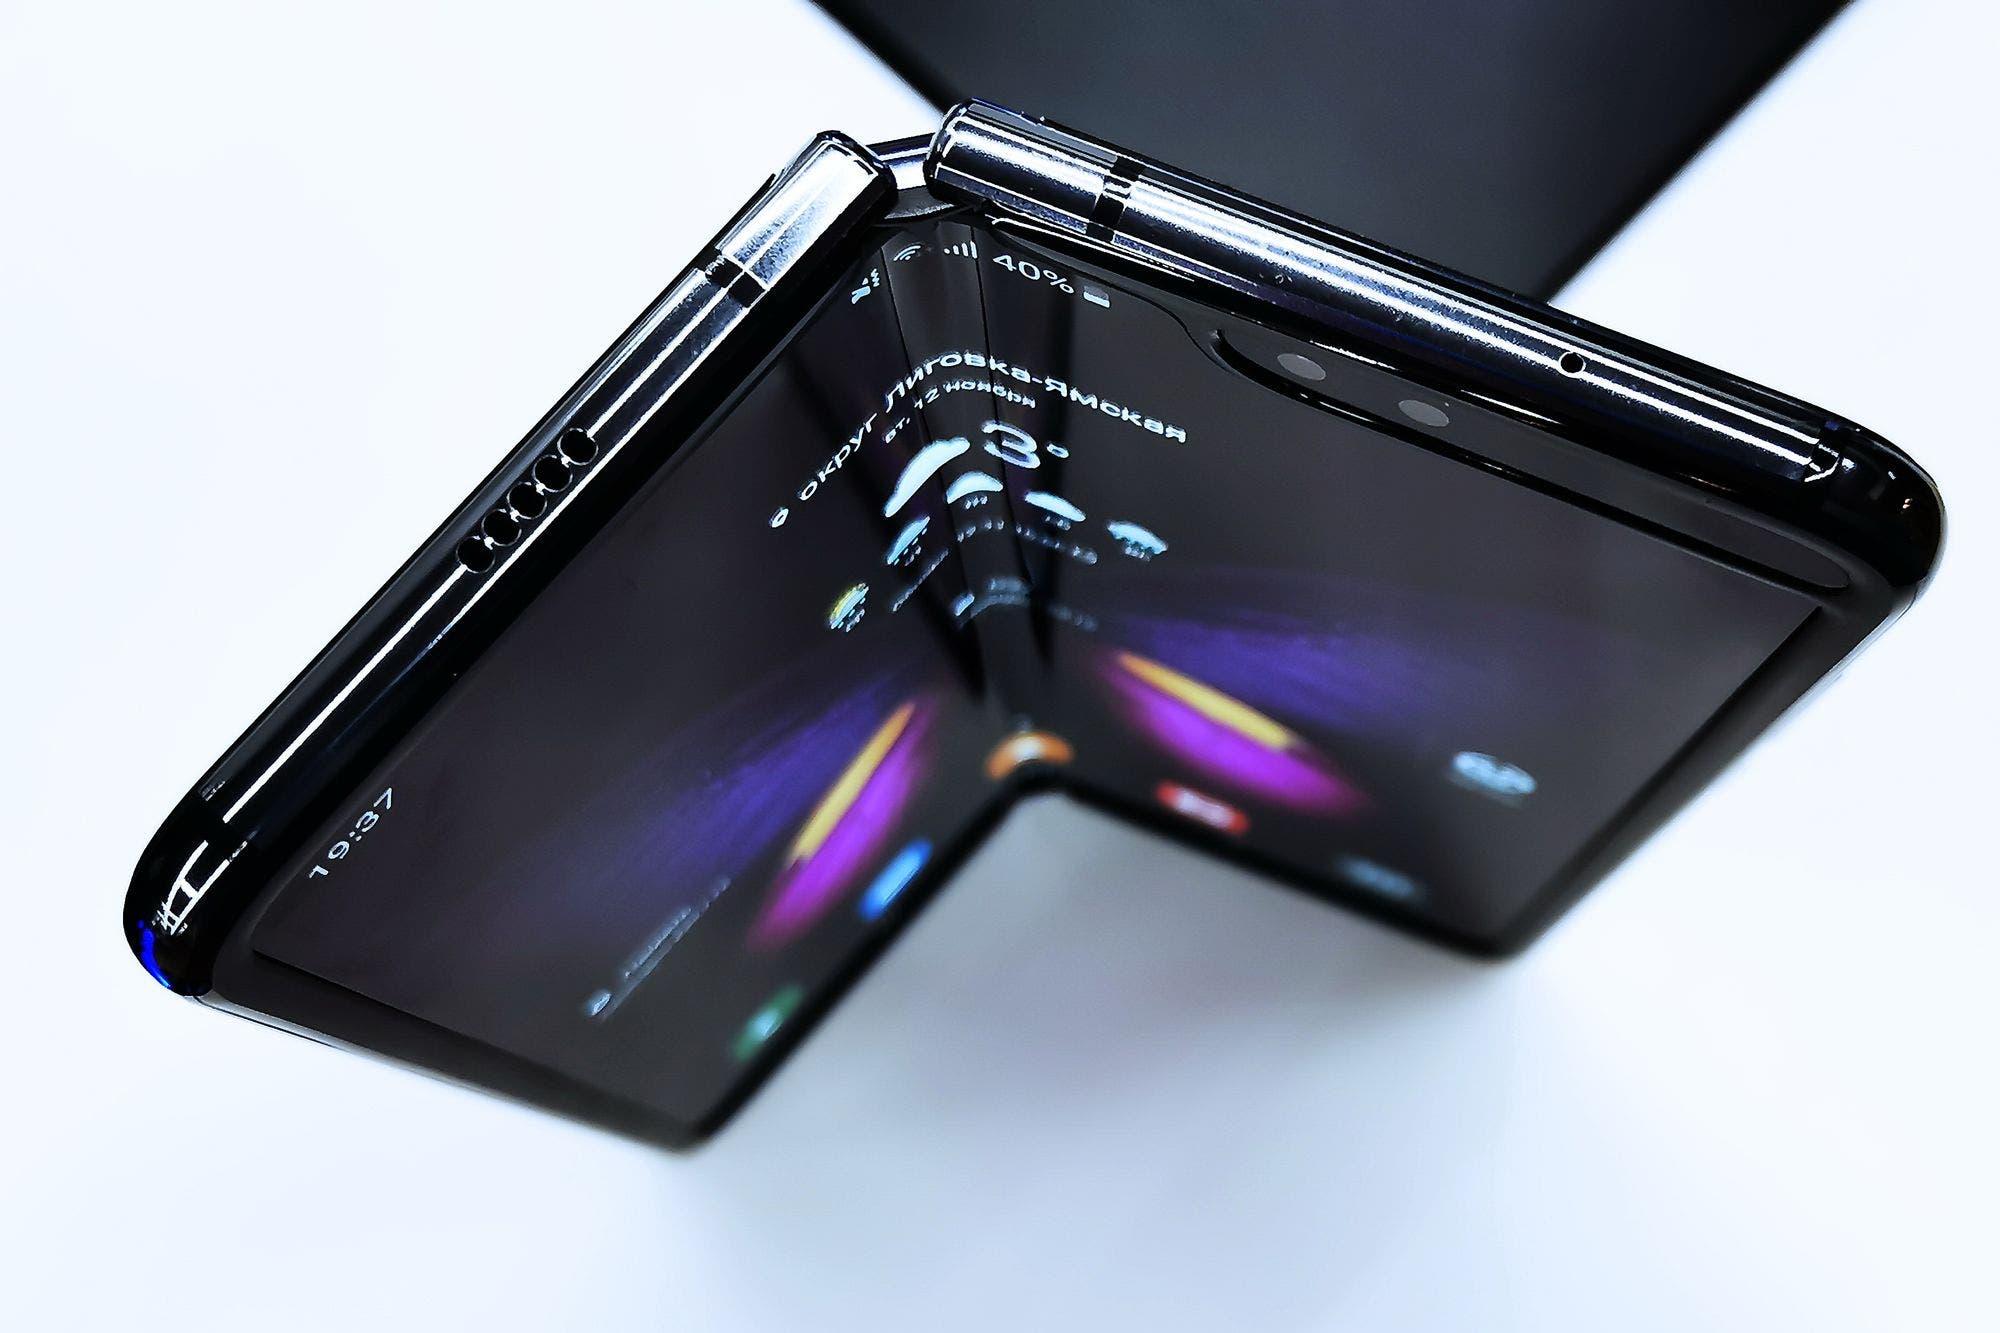 El Samsung Galaxy Fold 2 no tendrá notch y contará con una tasa de refresco de 120 Hz, según SamMobile